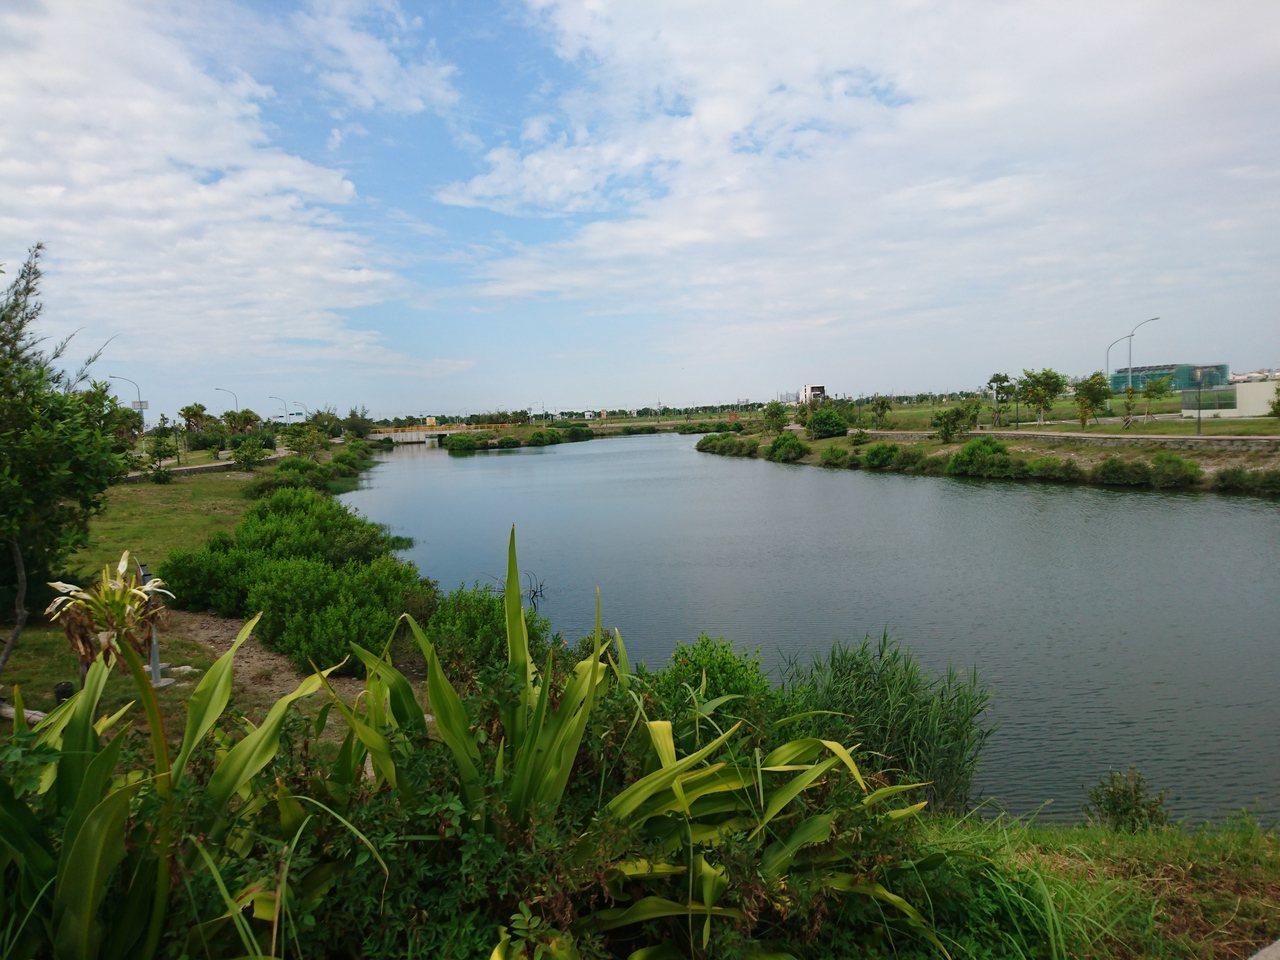 台南市安南區九份子原為較低屋濕地,重劃後土地墊高,僅留一水道,環保人士認為蓄水功...